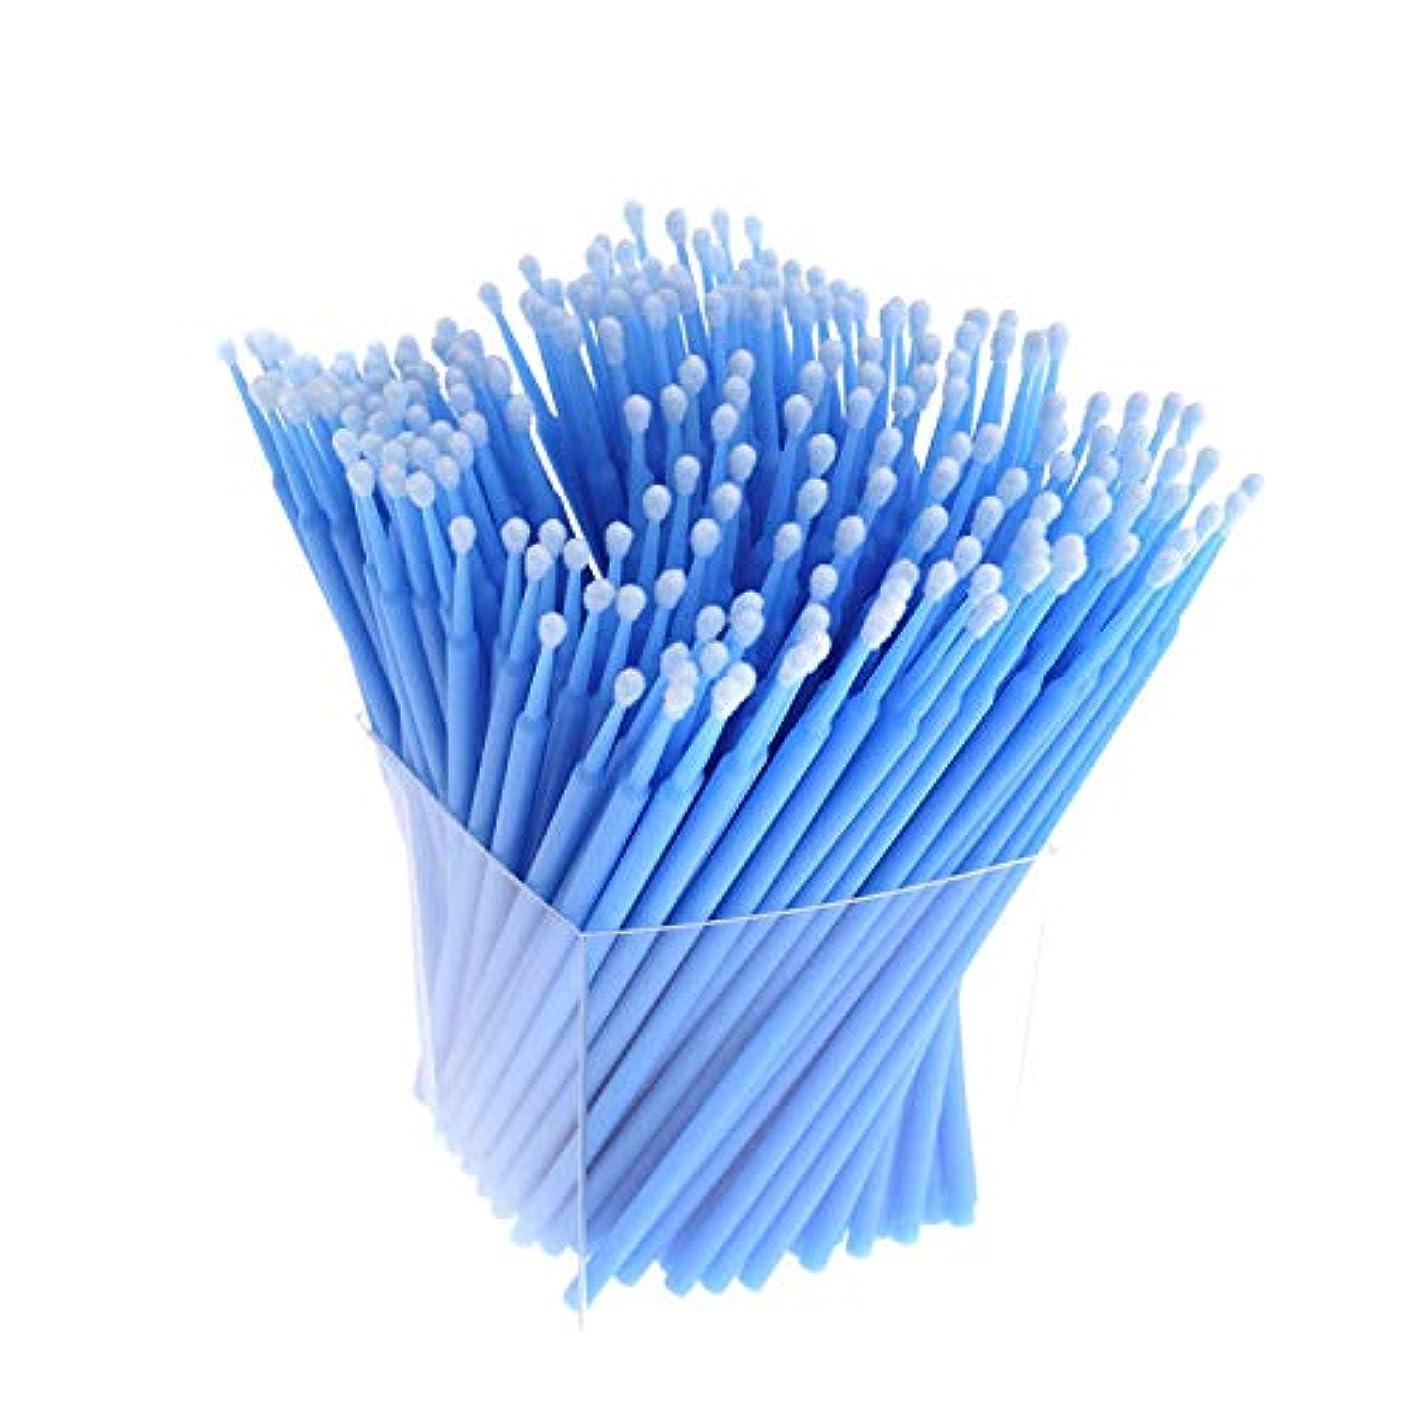 ジャズ環境に優しいたぶんSODIAL 200本、アプリケーター、まつげ用綿棒、マイクロ-ブラシ、使い捨てマイクロ-ブラシ、延長化粧工具-青色